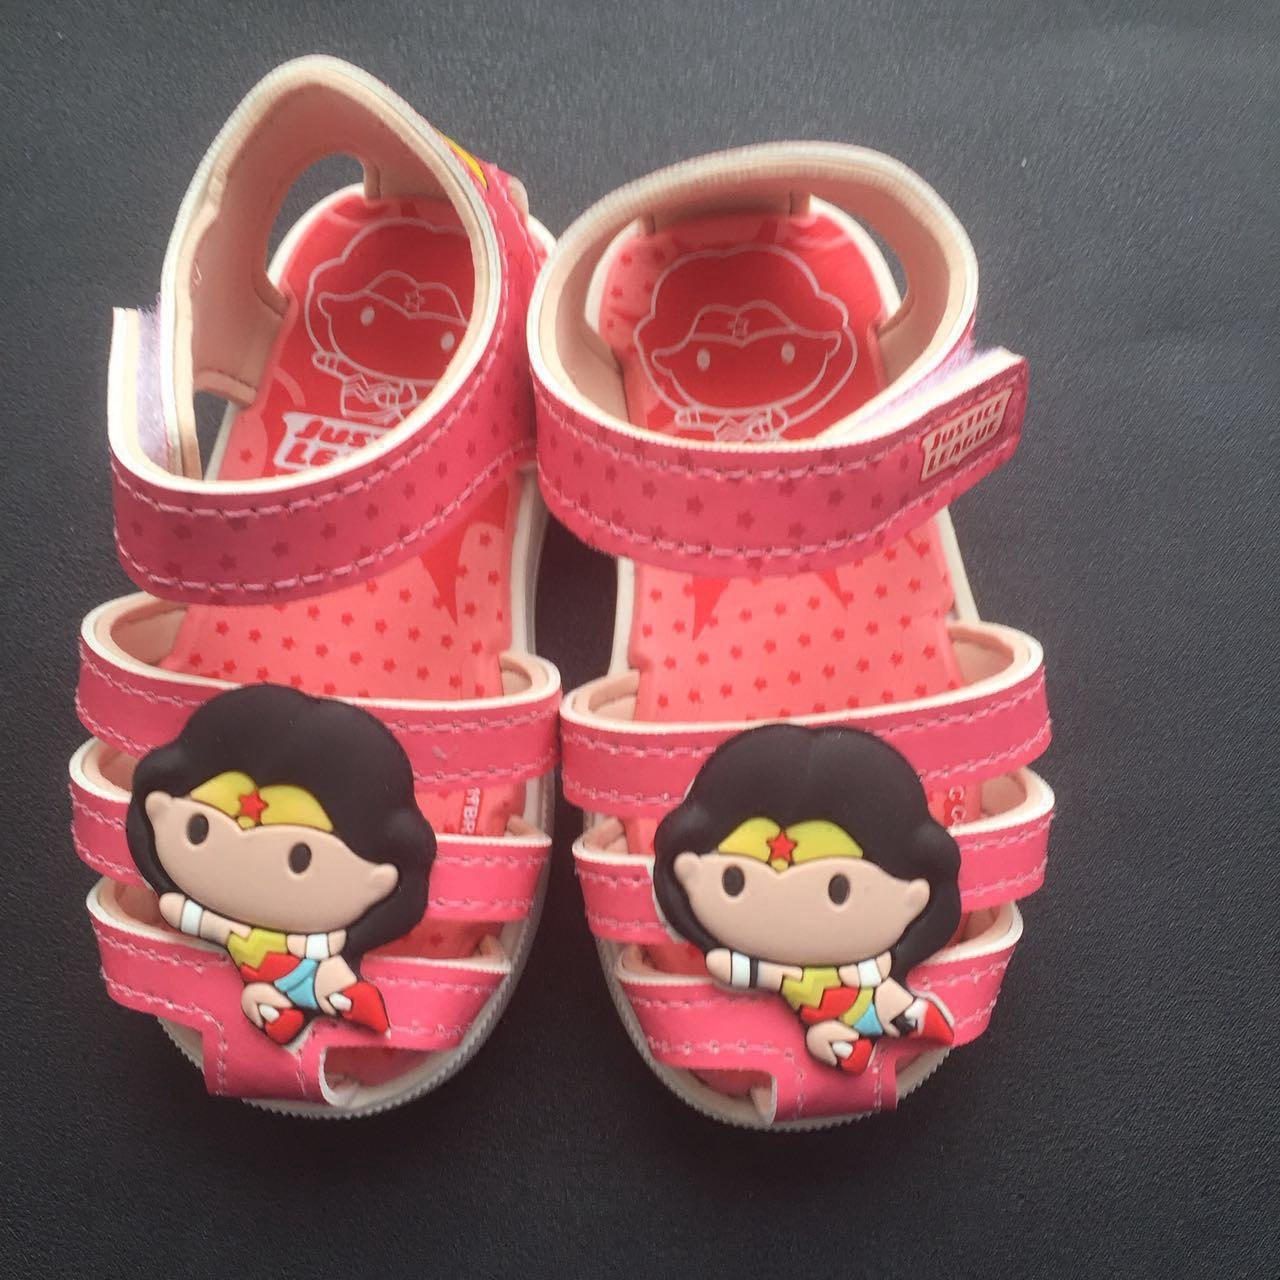 巴西儿童副牌kids超人蝙蝠侠宝宝学步鞋童鞋夏季包头透气舒适凉鞋